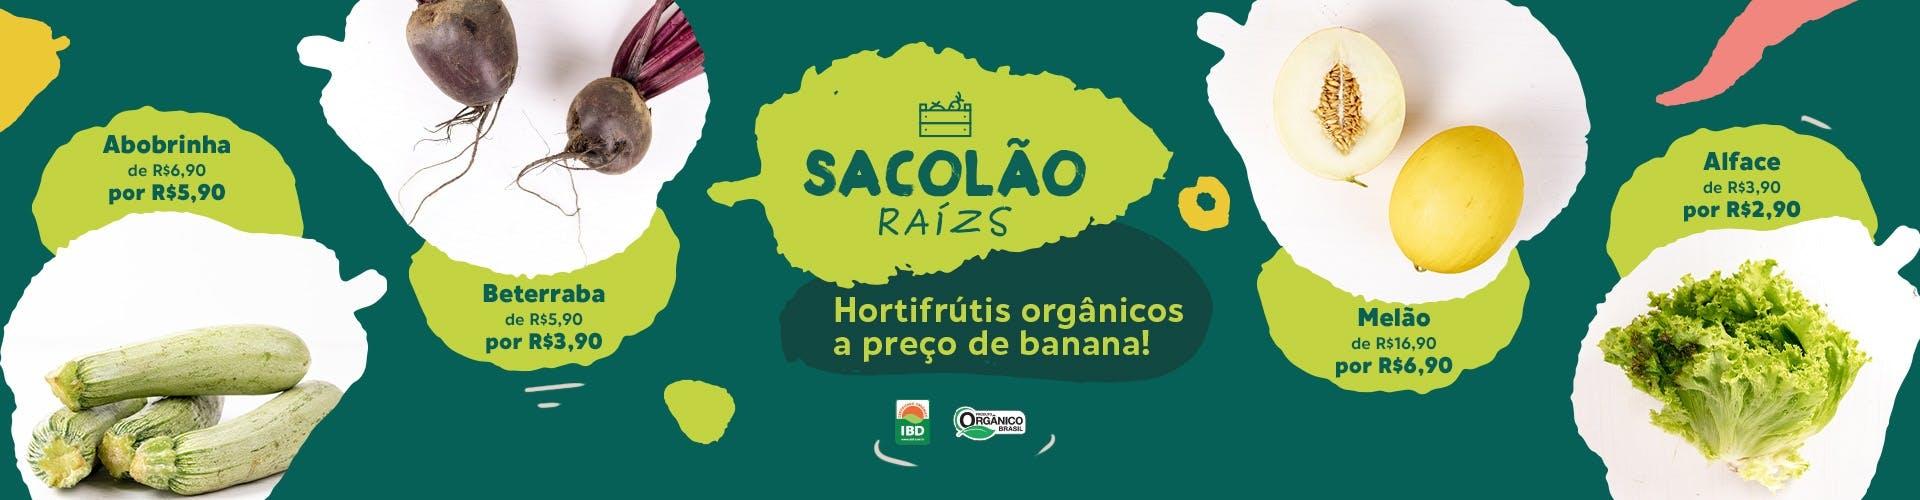 sacolão raízs. orgânicos em promoção 25_10